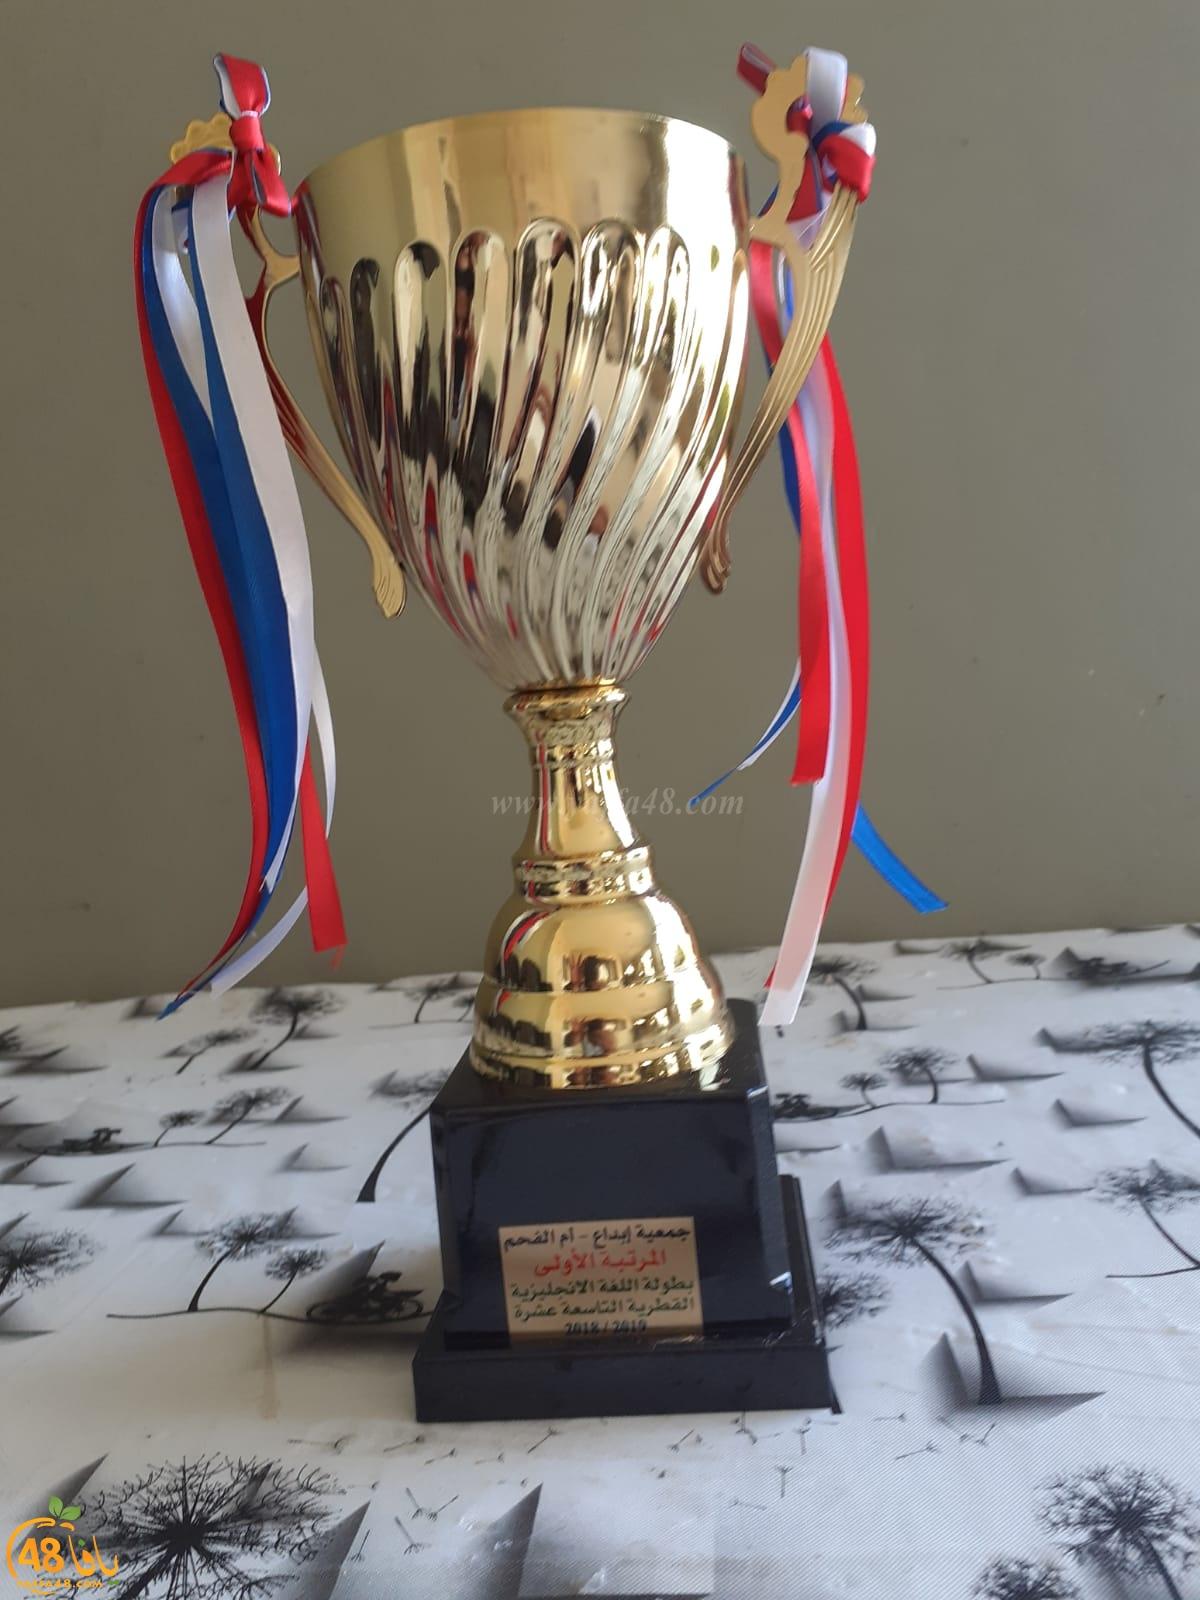 فوز الطالب ساري جلال عودة بالمرتبة الأولى قطرياً في مسابقة اللغة الانجليزية